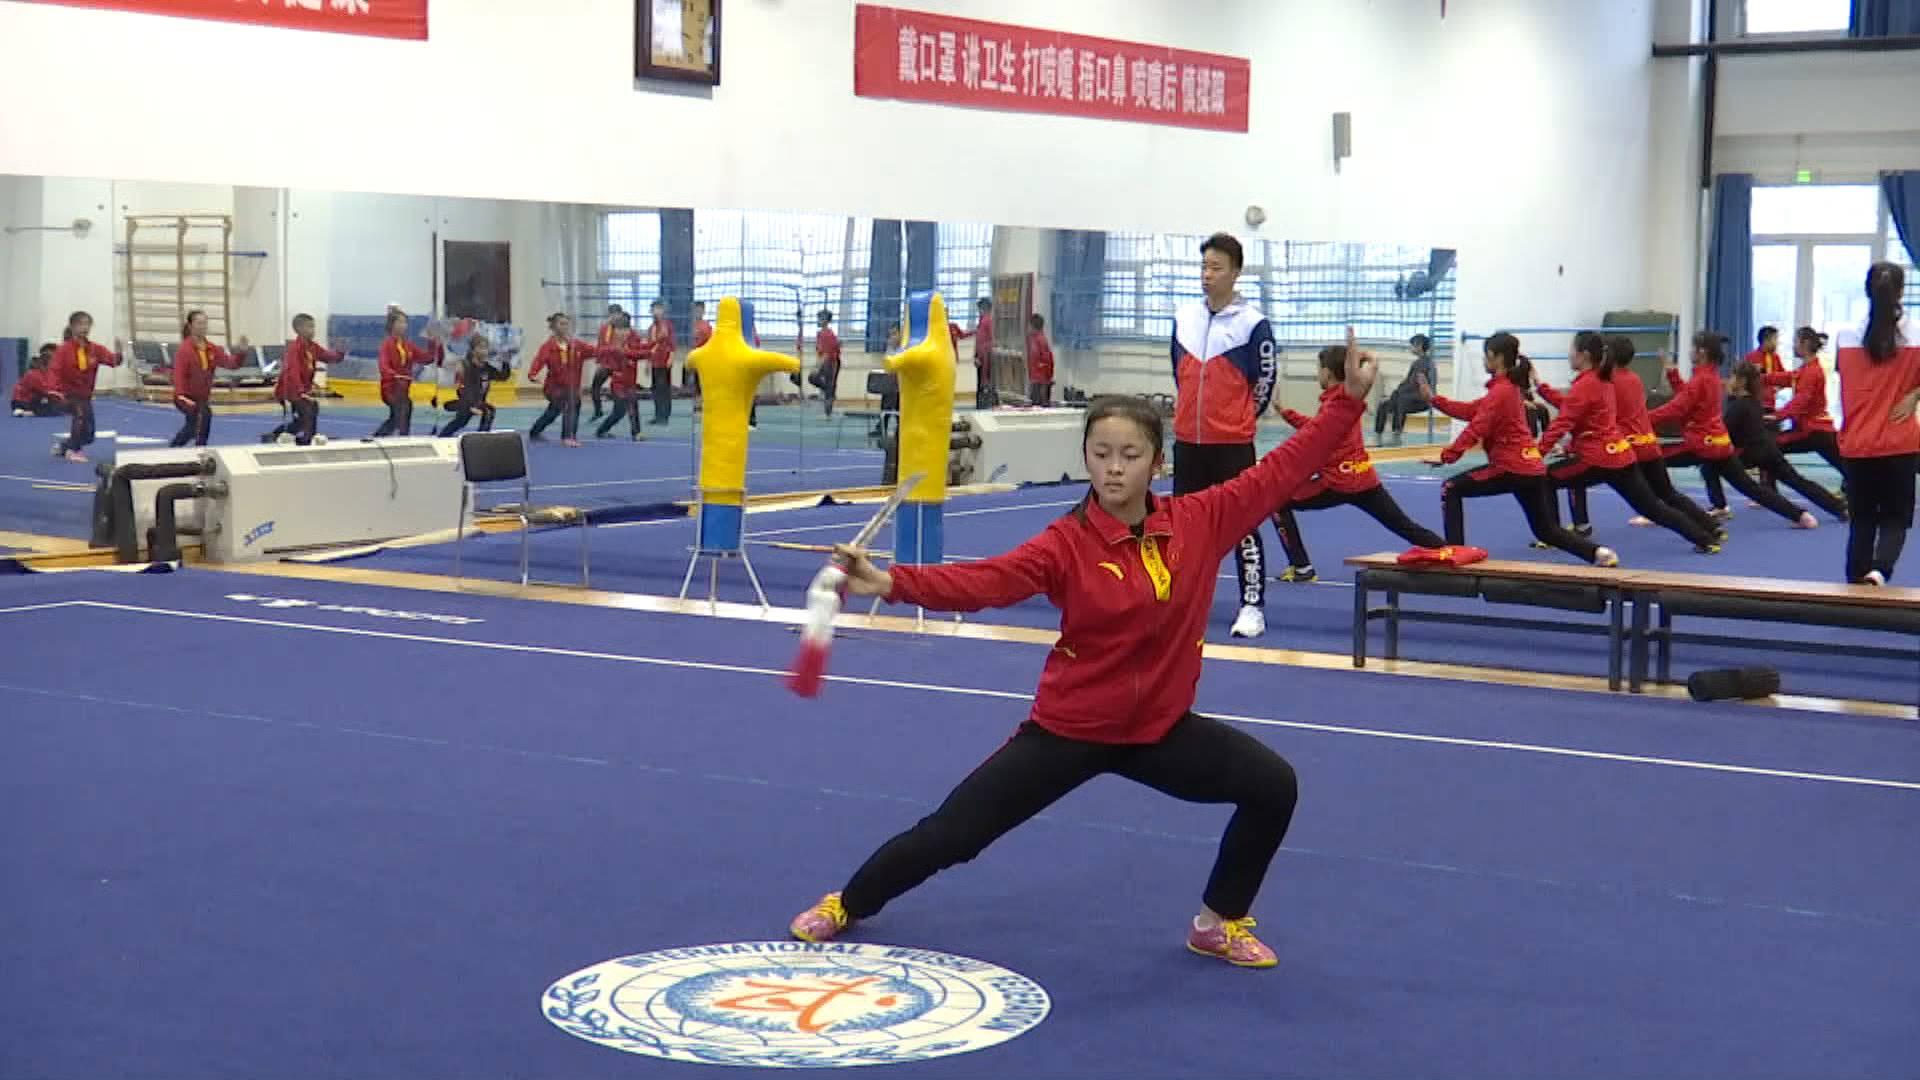 潍坊:鞭策体教融合 促进青少年健康发展